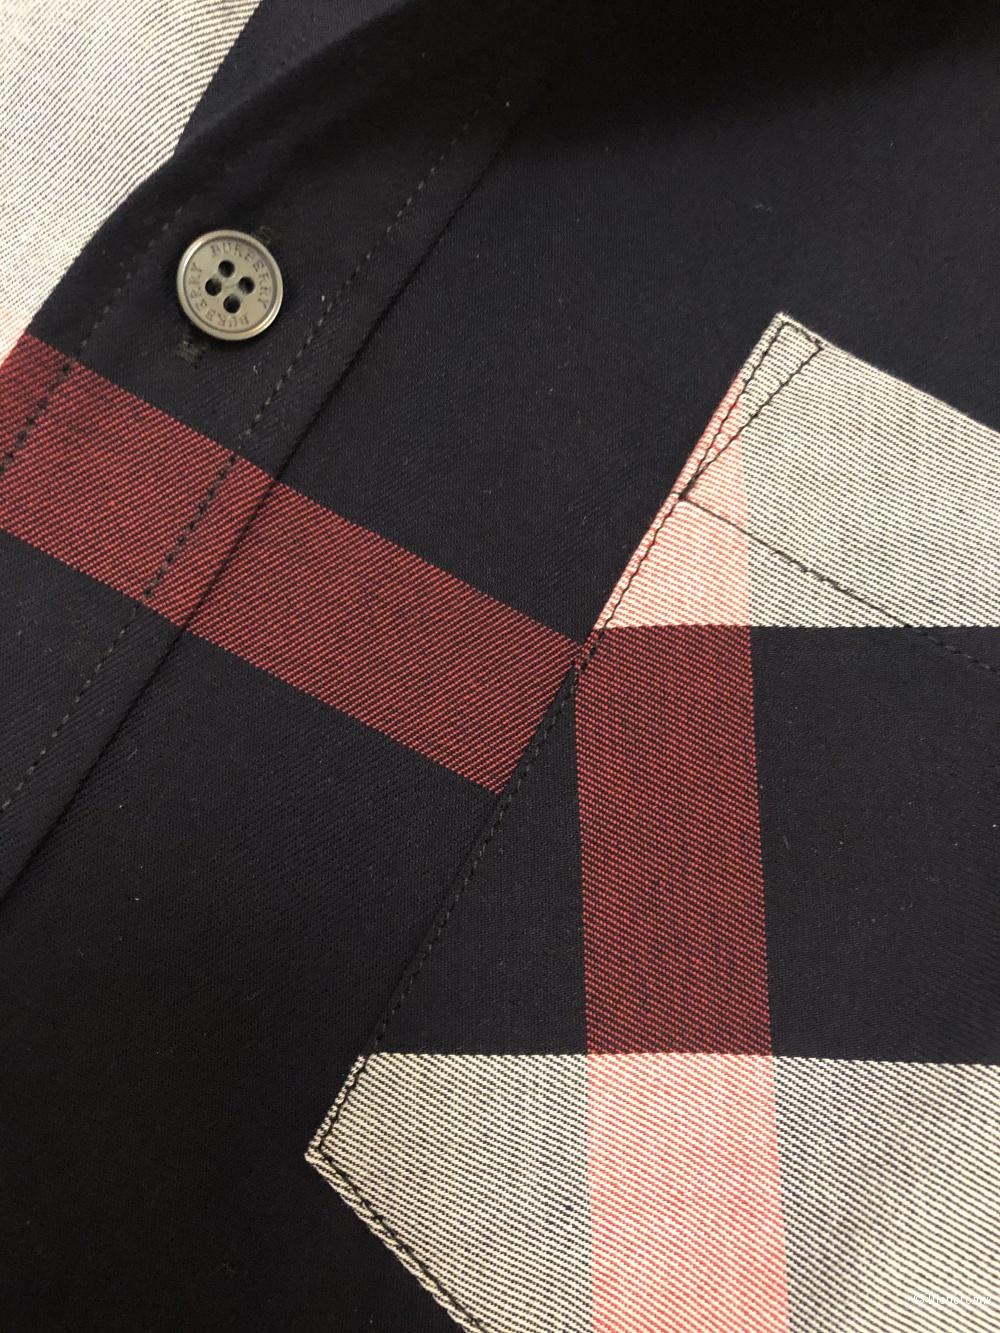 Рубашка Burberry, 46-48